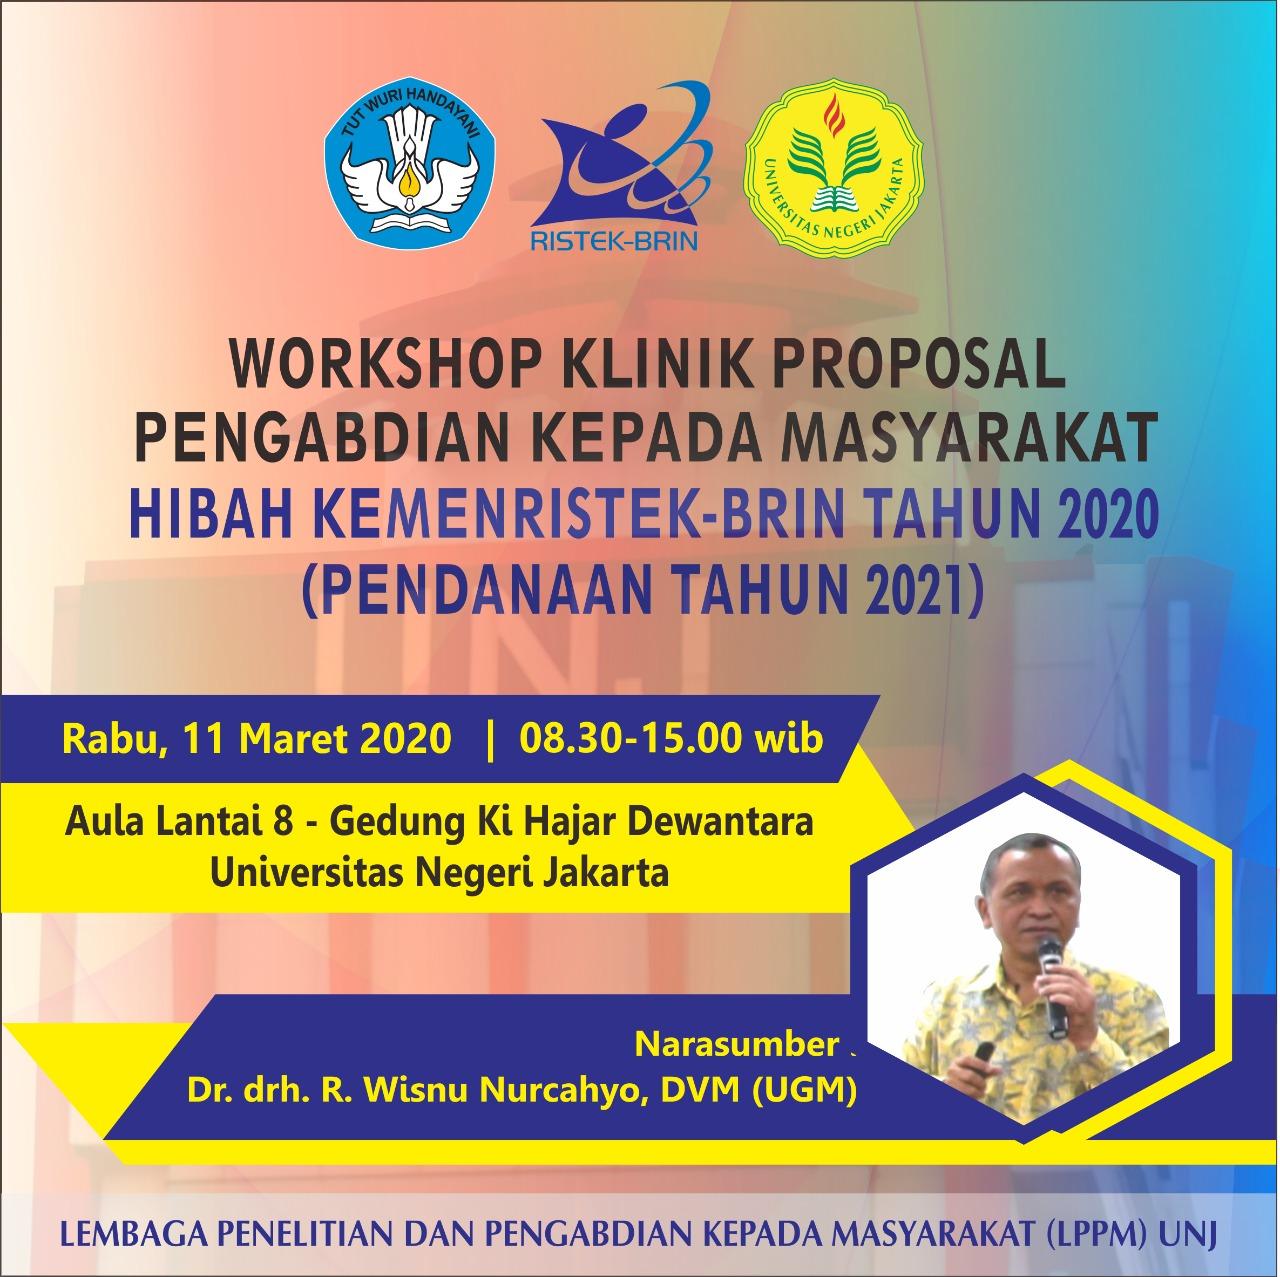 Workshop Klinik Proposal Pengabdian Kepada Masyarakat